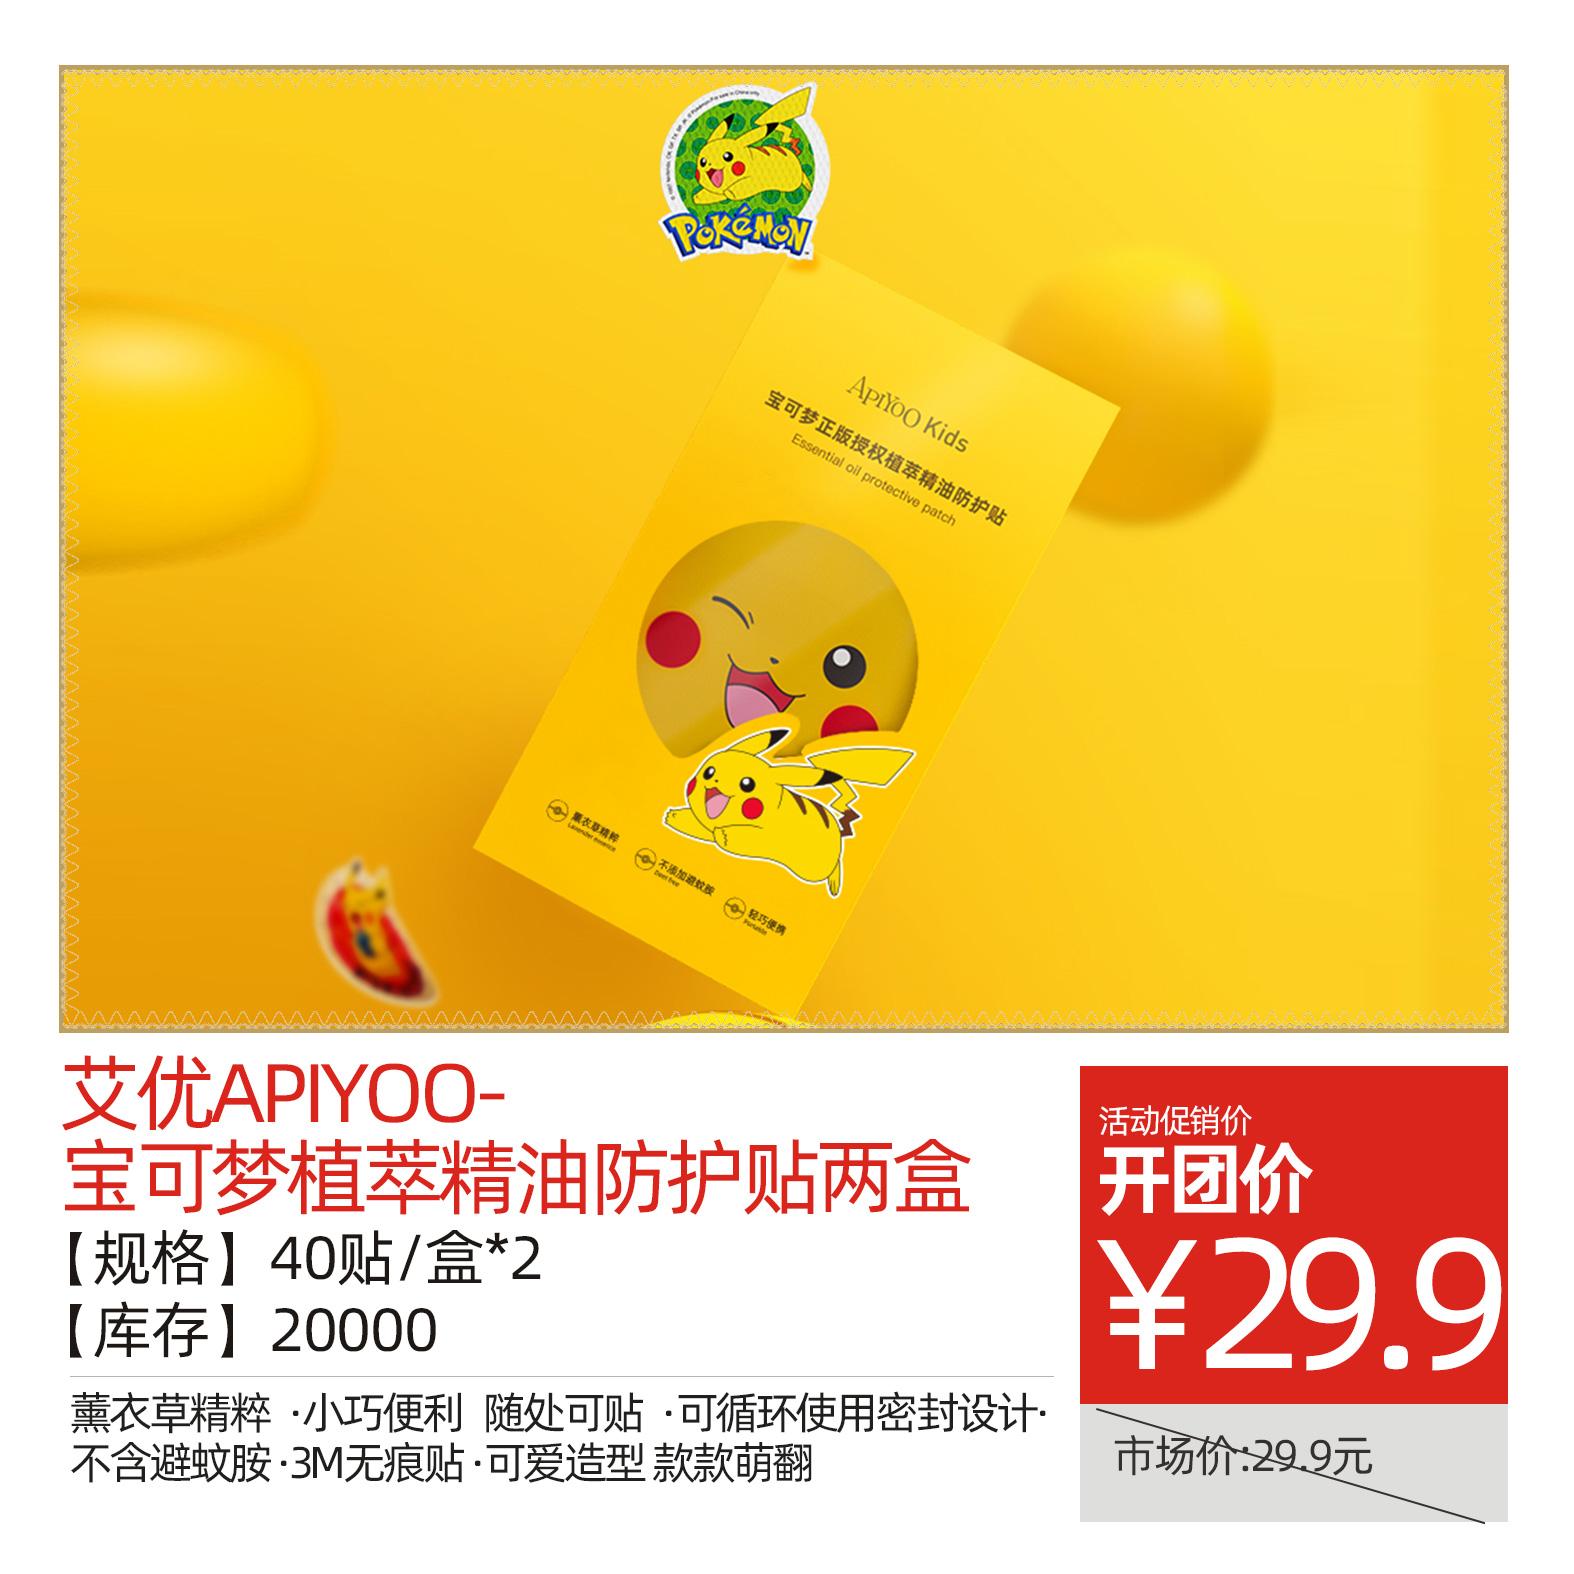 艾优Apiyoo-宝可梦植萃精油防护贴两盒